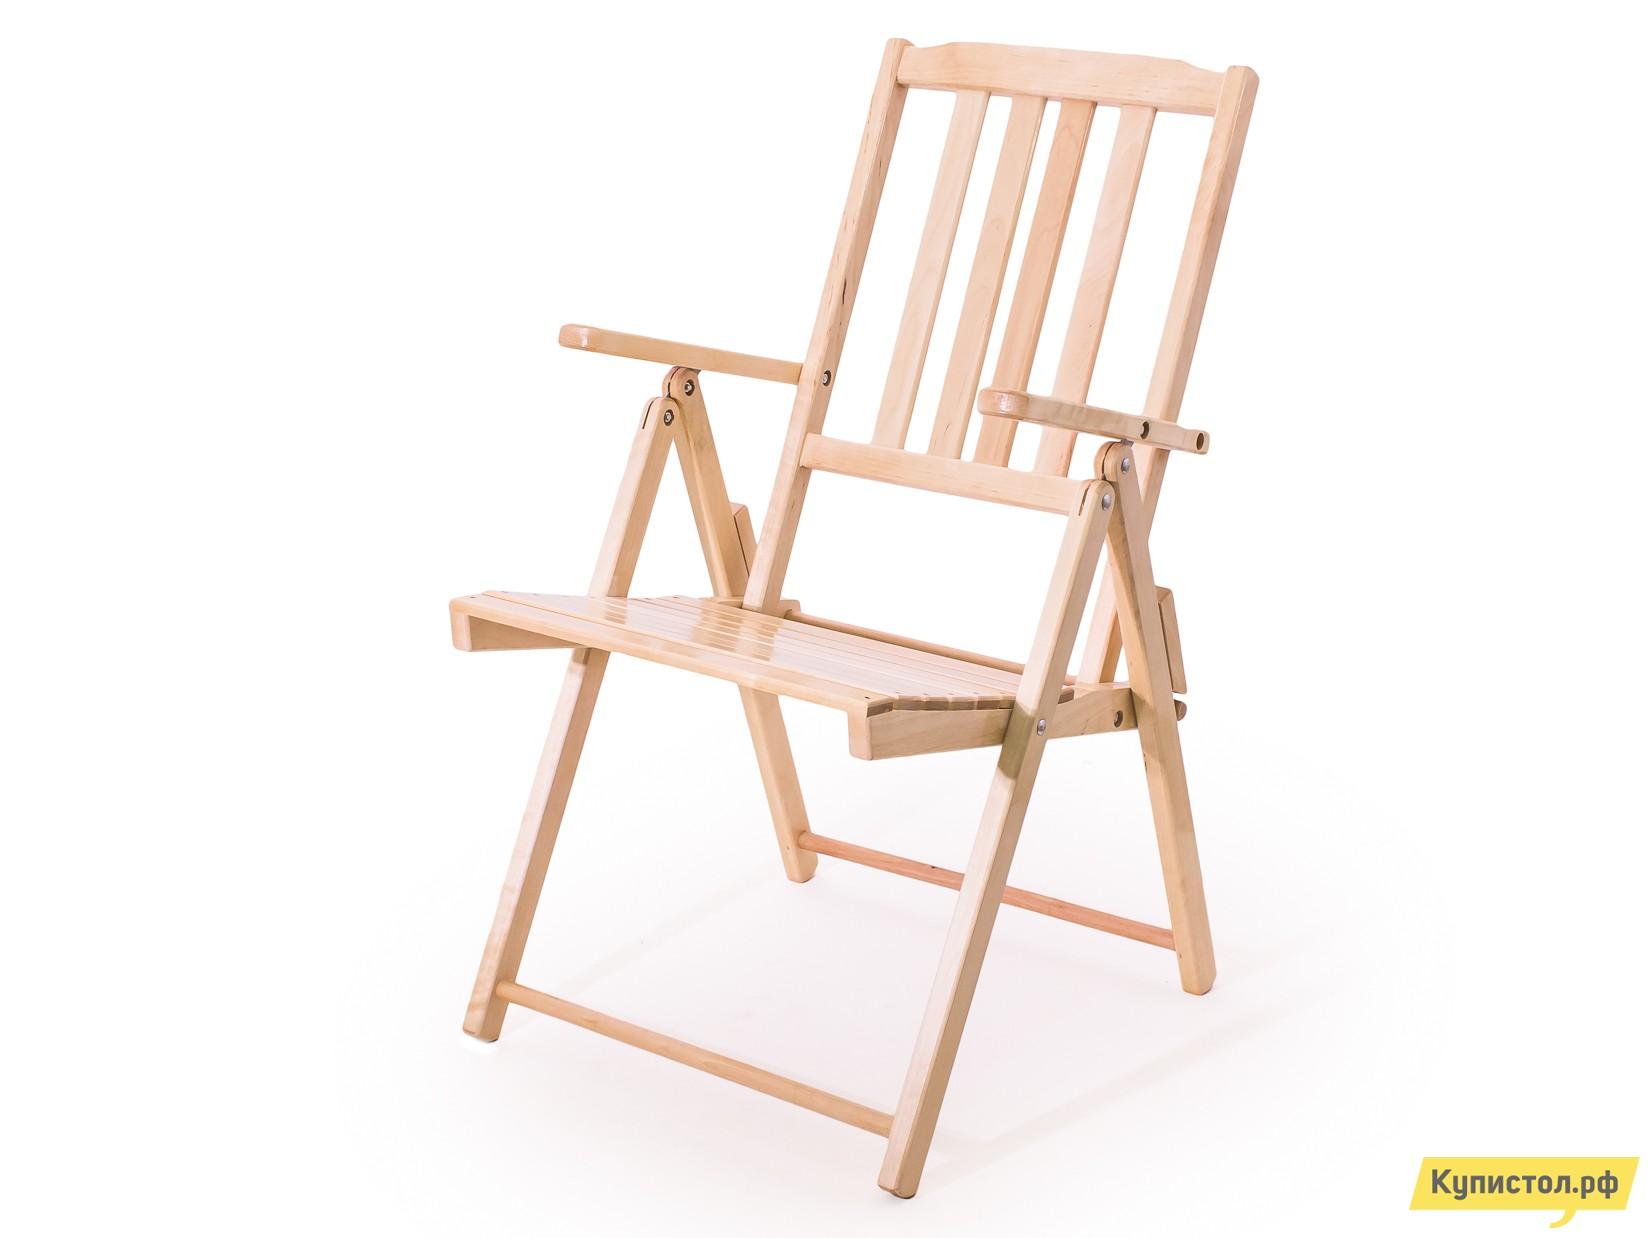 Садовое кресло СМКА Комфорт СМ047Б Береза